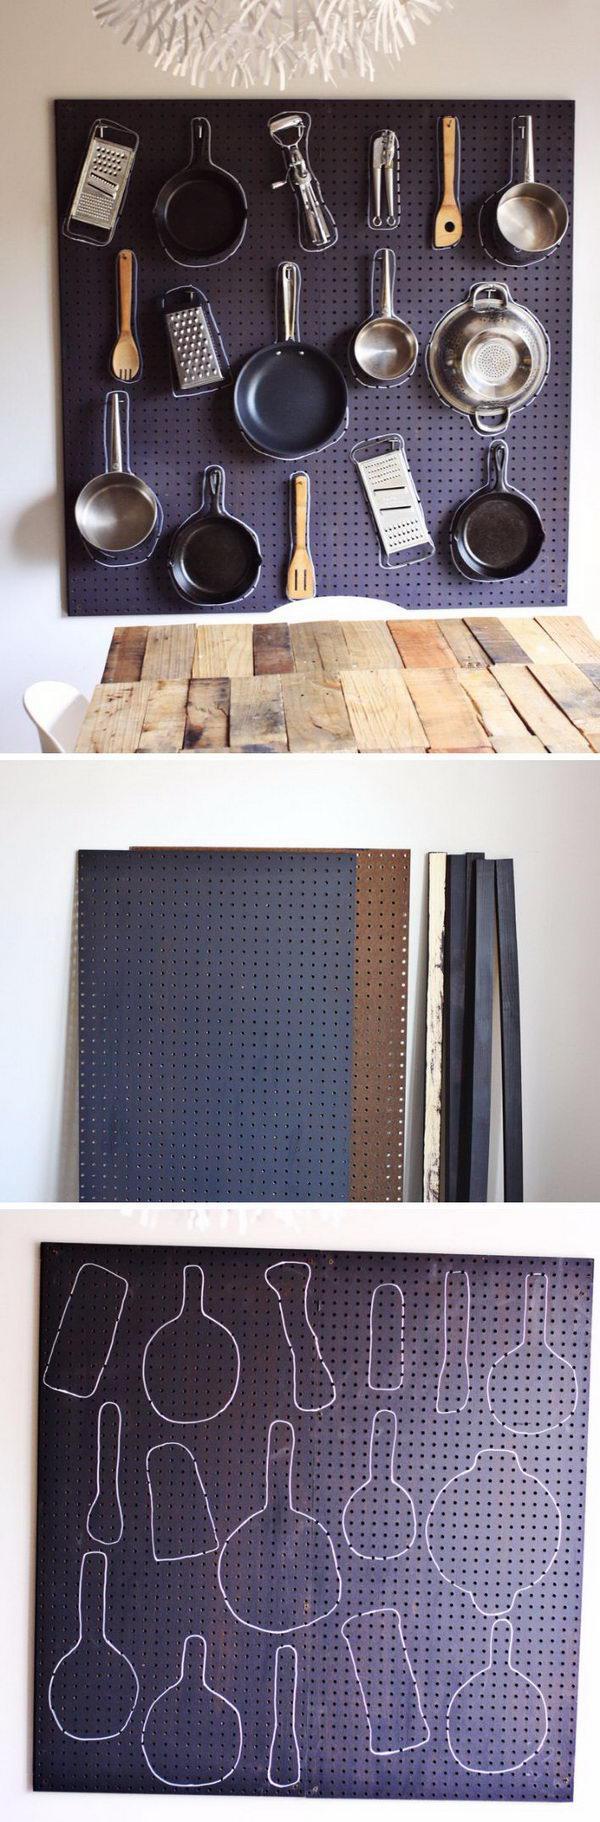 image22-6 | 20 творческих идей организации хранения на кухне